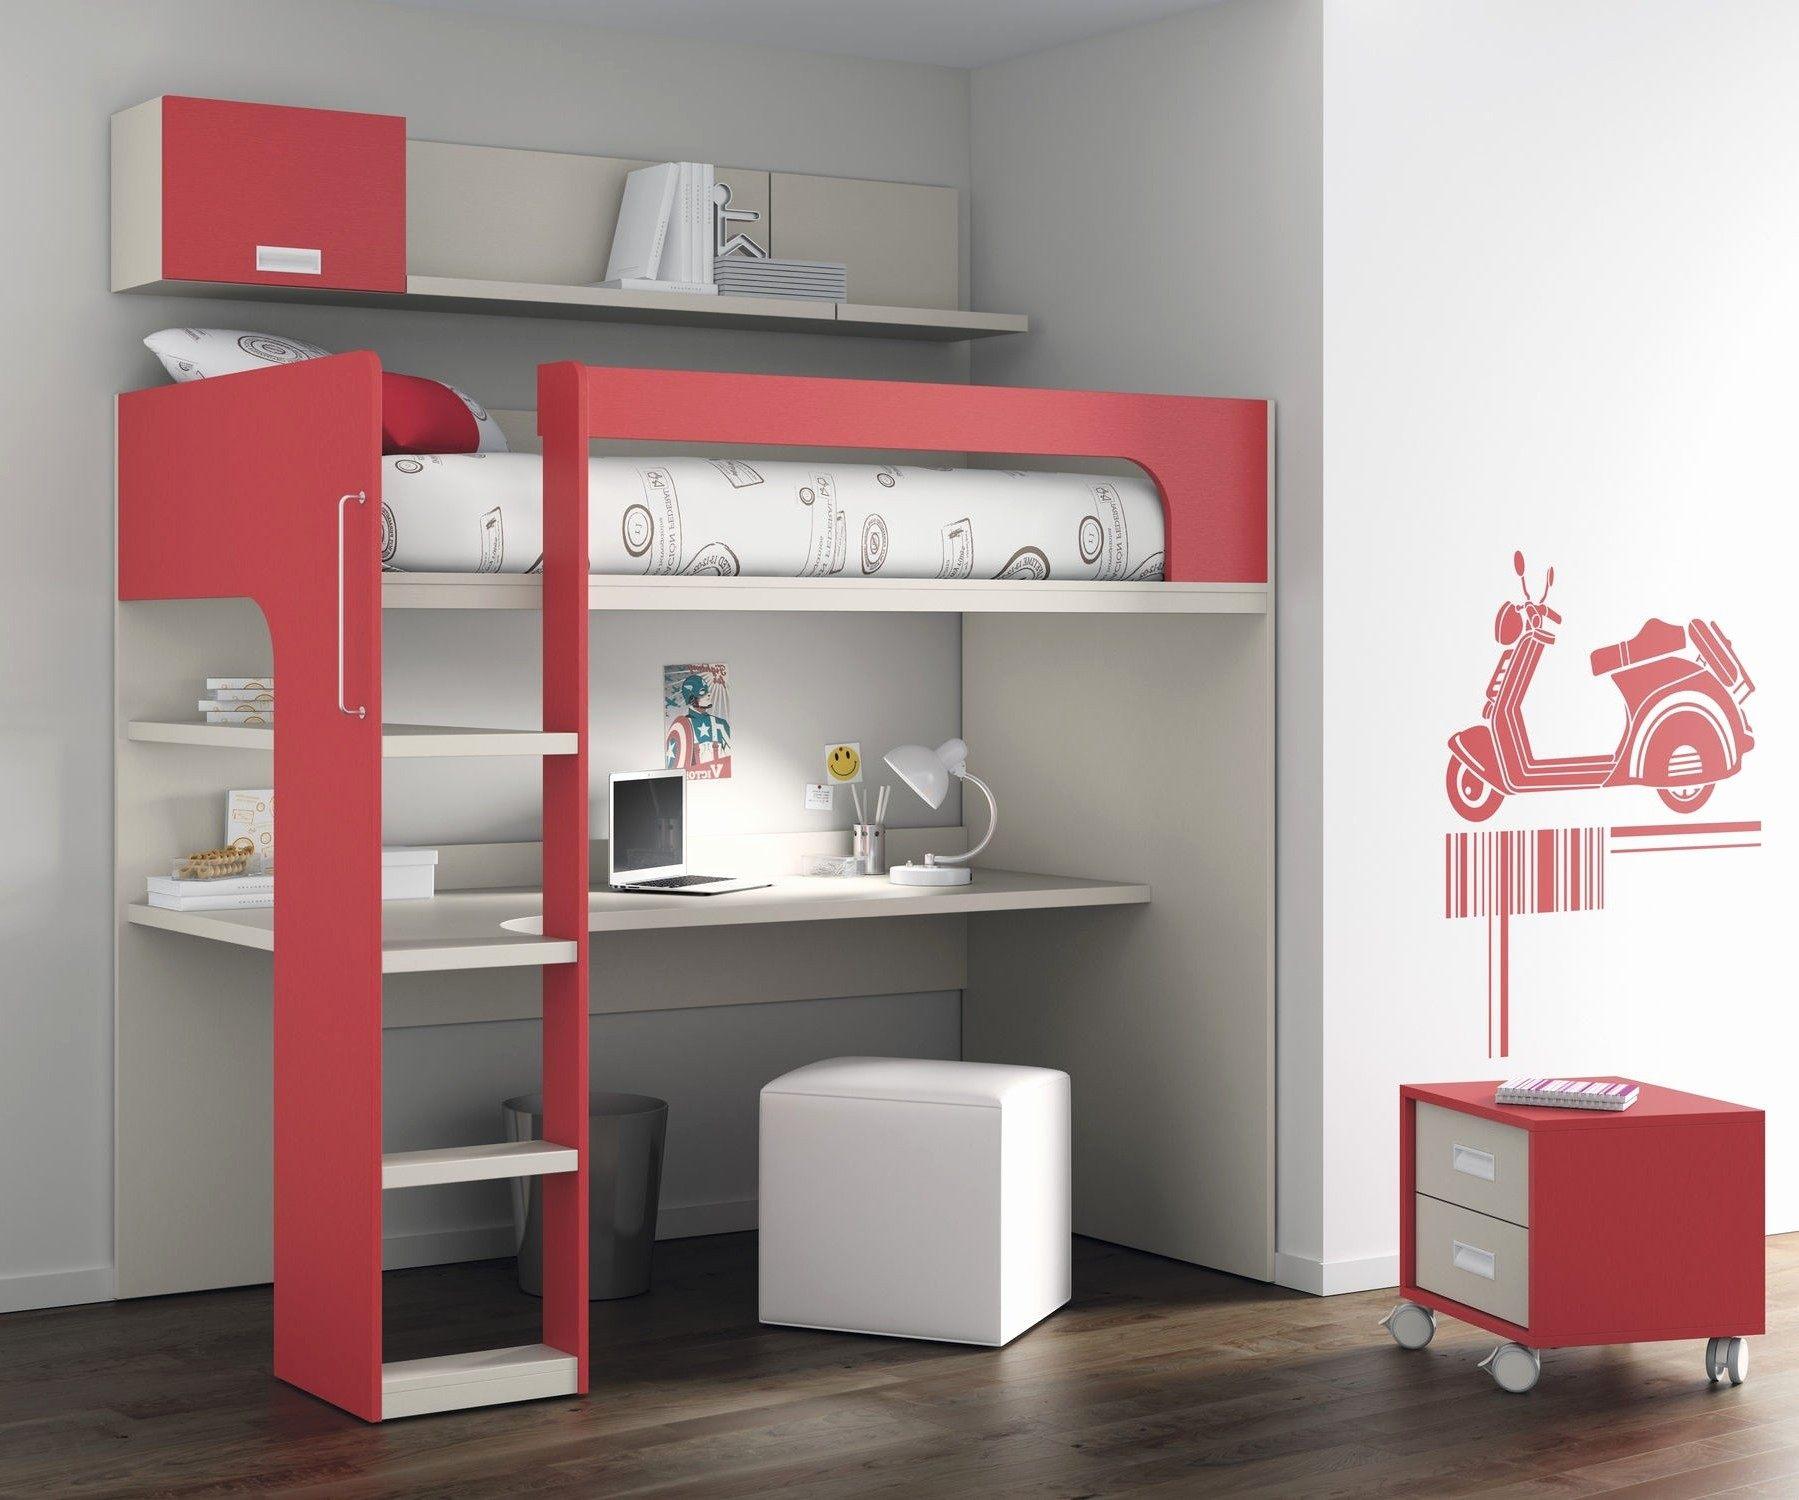 Lit Mezzanine Avec Bureau Et Armoire Bel Lit Mezzanine Armoire Elegant Lit Mezzanine 1 Place Conforama Unique